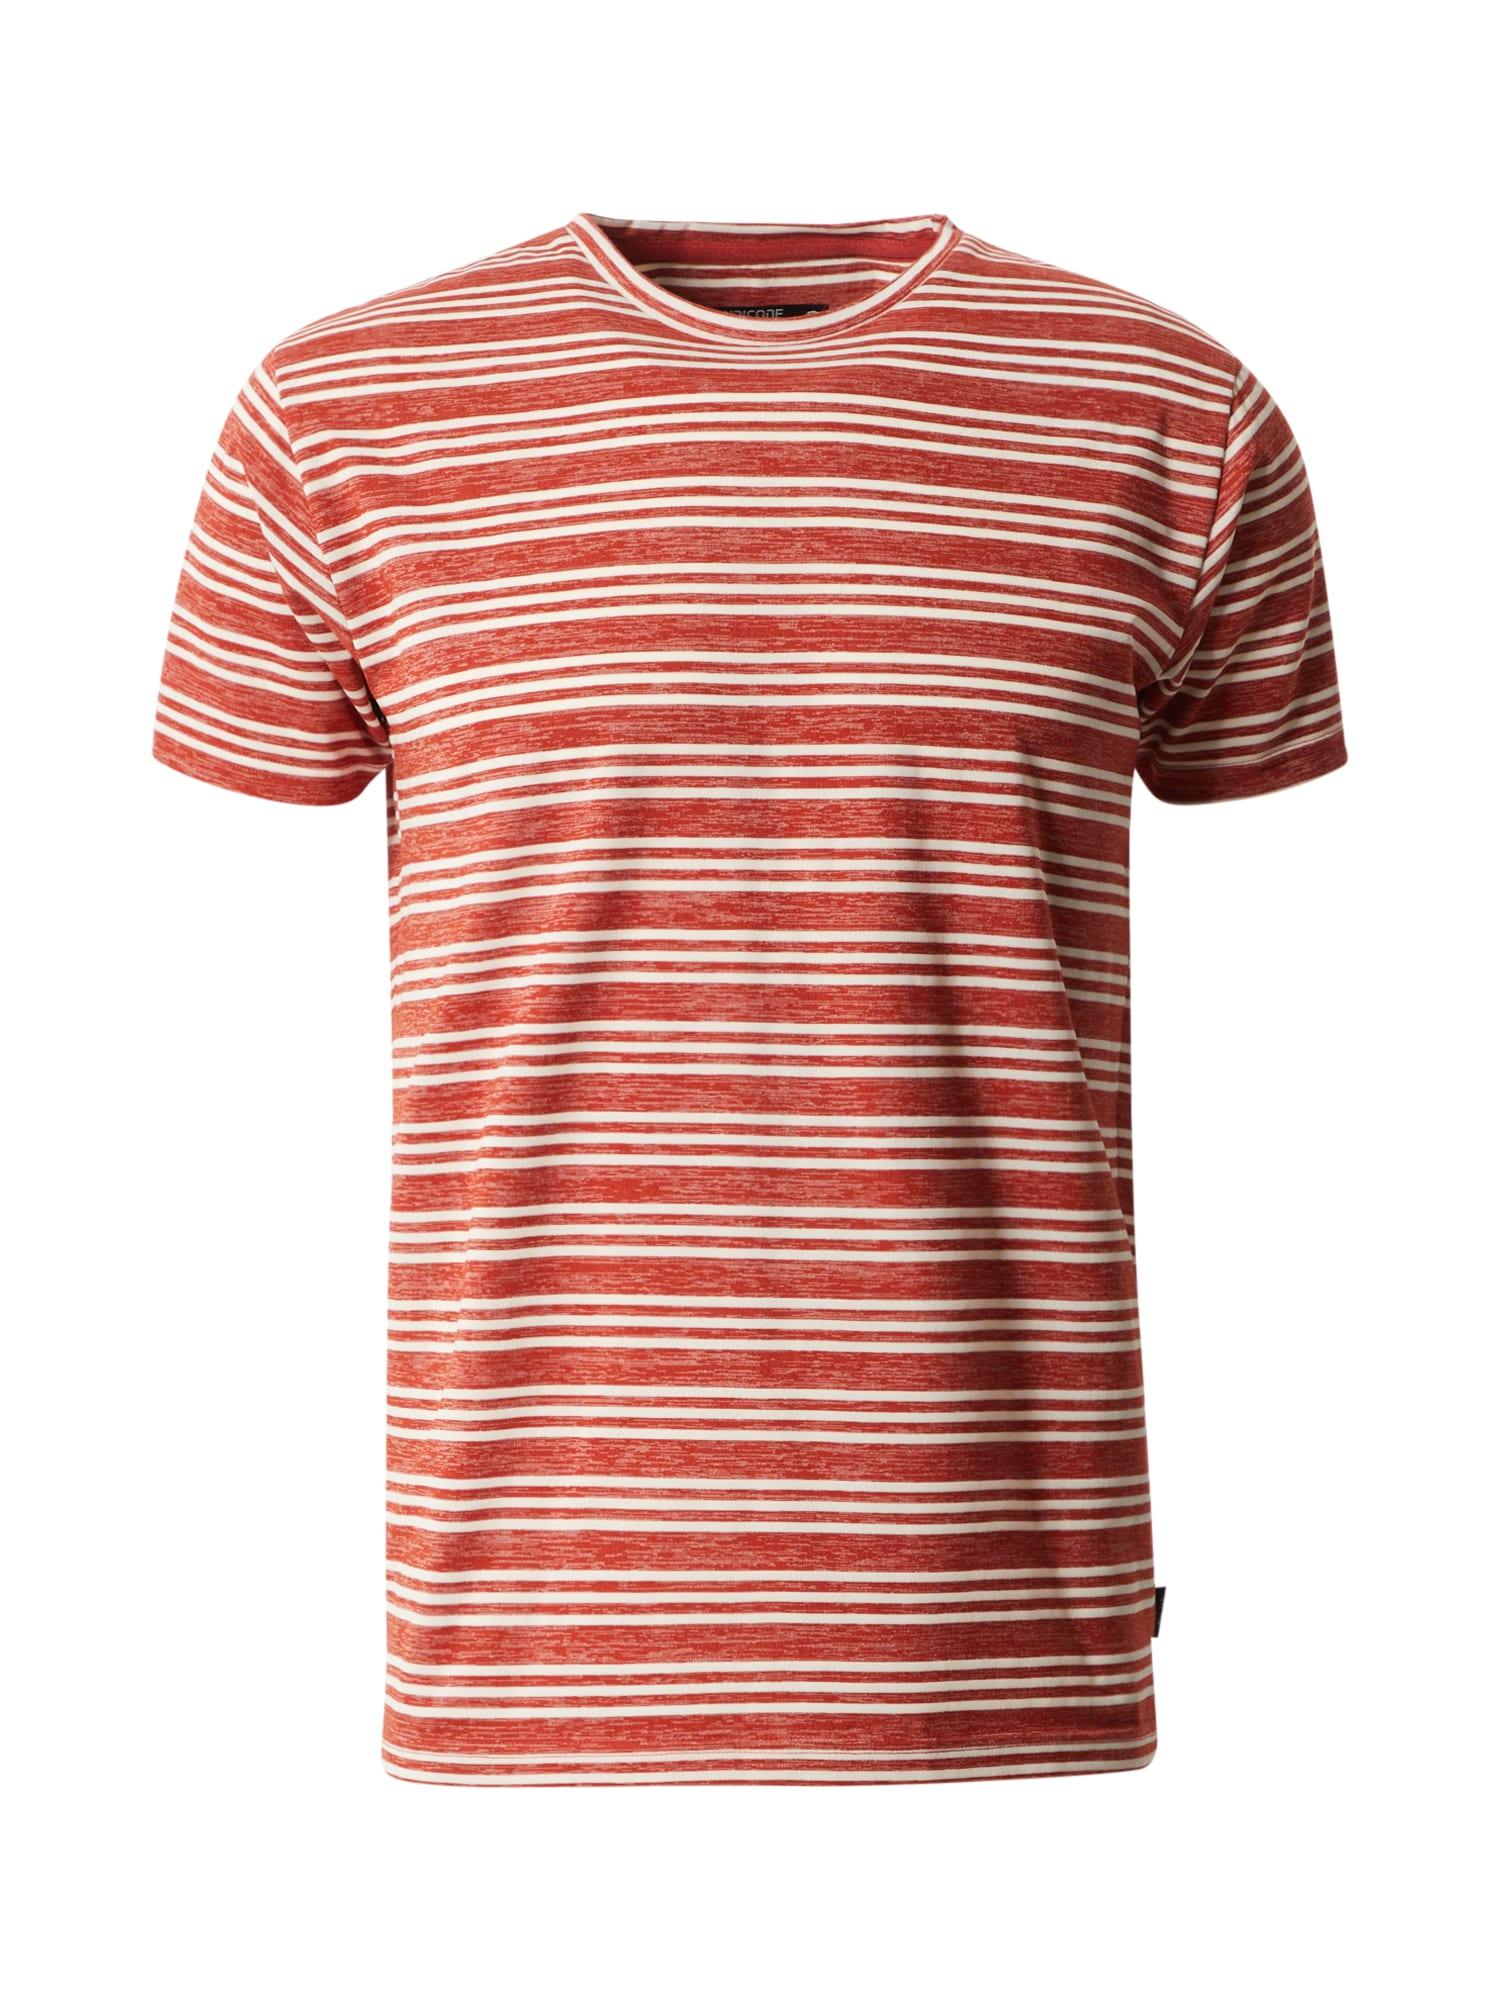 INDICODE JEANS Marškinėliai 'Lille' vyno raudona spalva